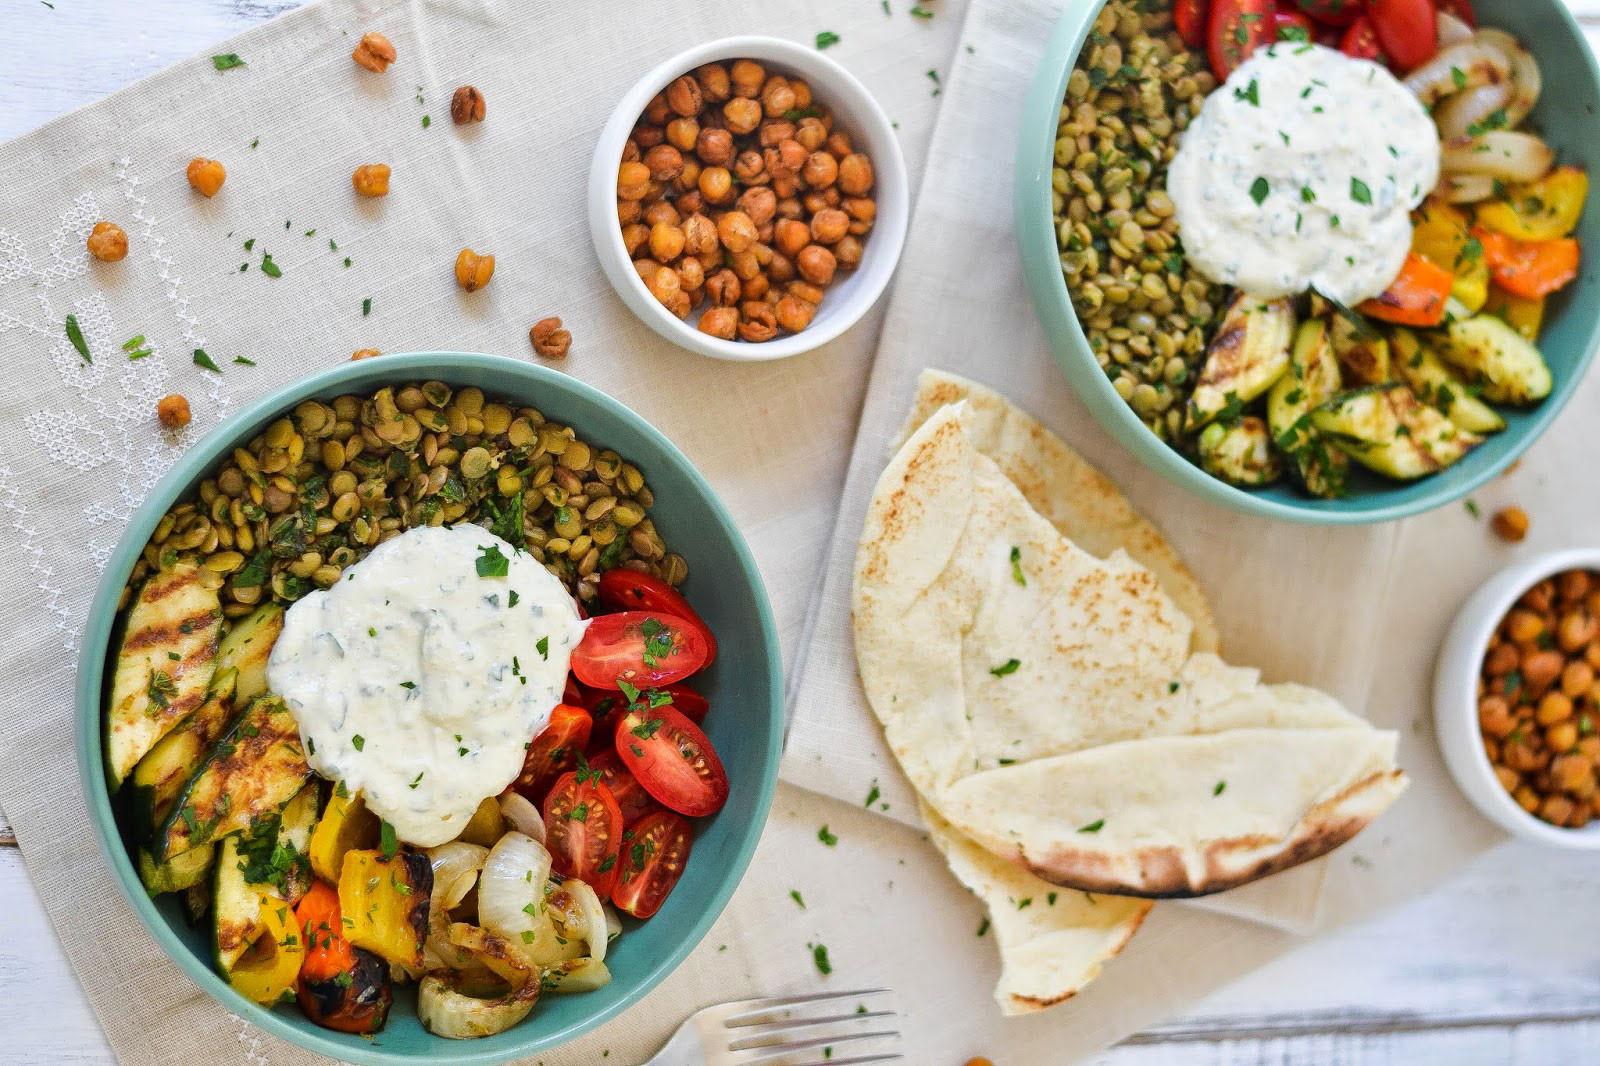 Middle Eastern Grilled Vegetable & Lentil Bowl Recipe